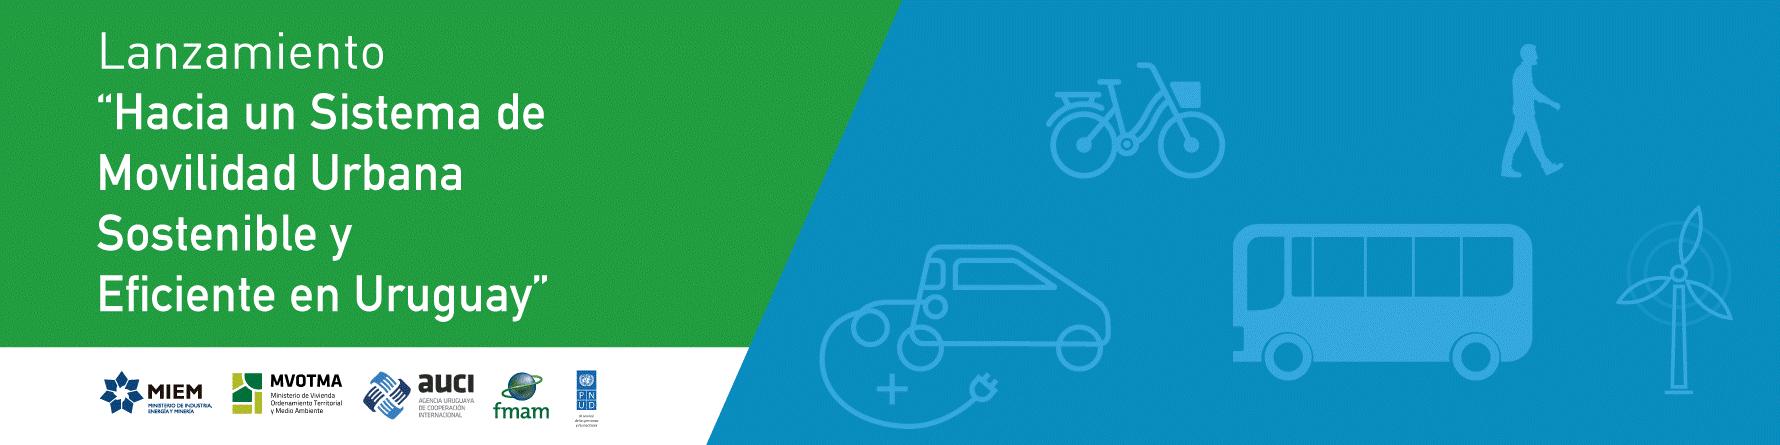 Lanzamiento Hacia un sistema de movilidad urbana sostenible y eficiente en Uruguay